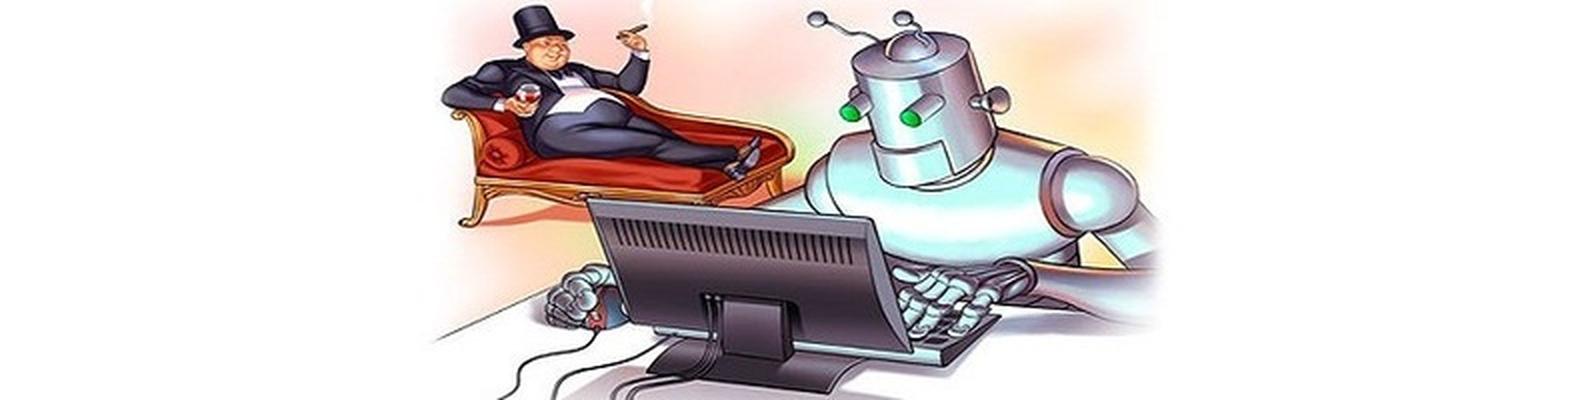 робот для торговли на бинанс отзывы